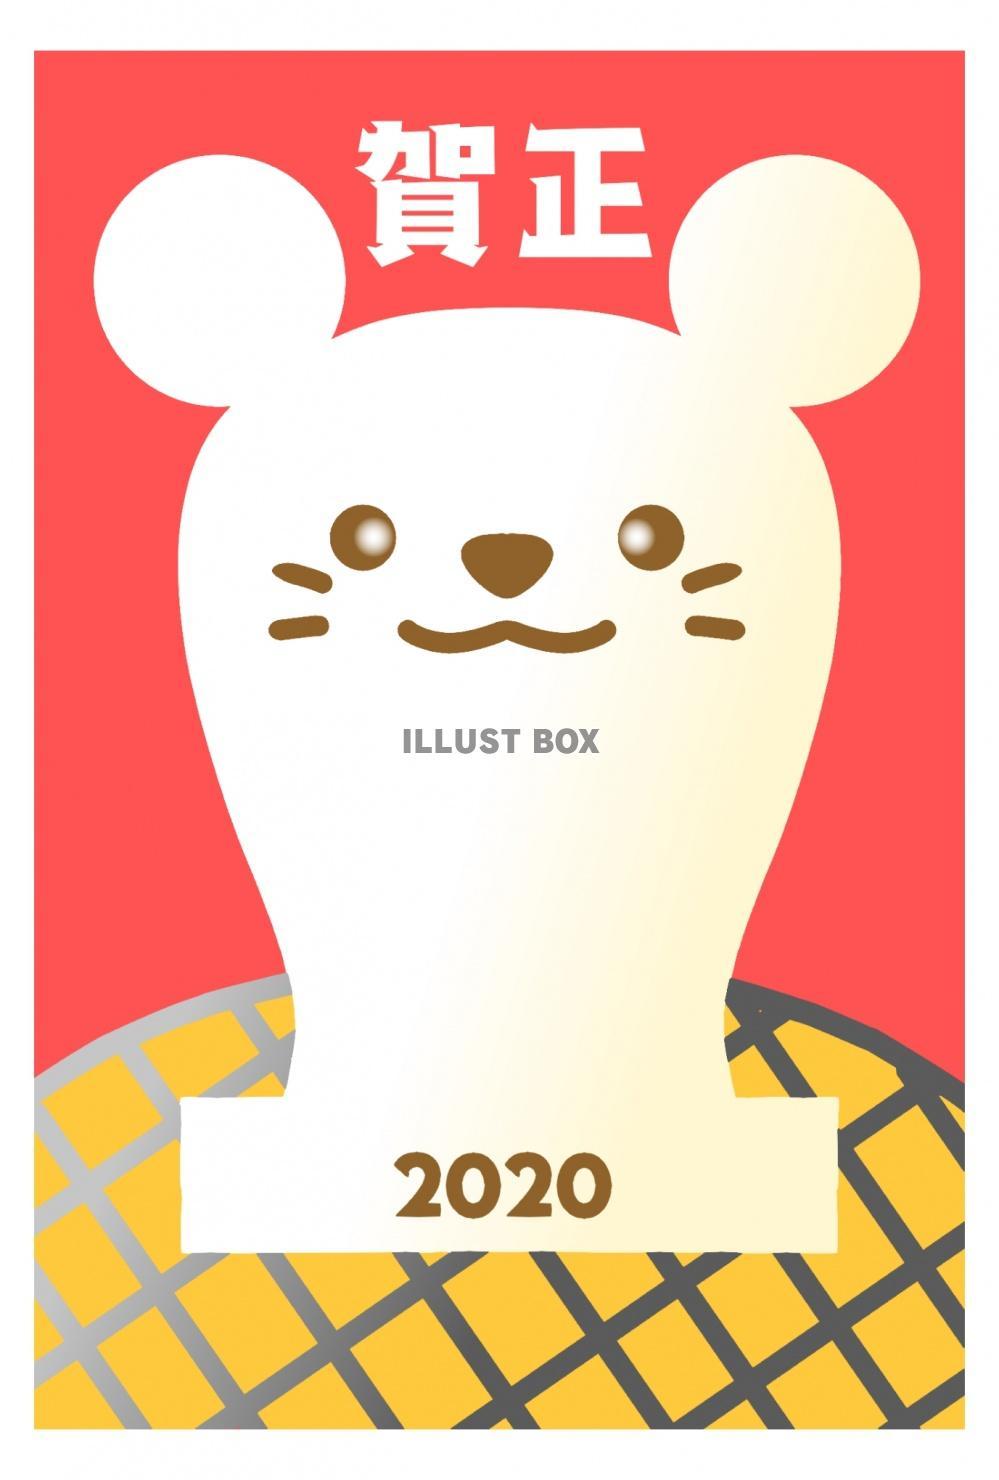 無料イラスト ネズミ型のお餅年賀状